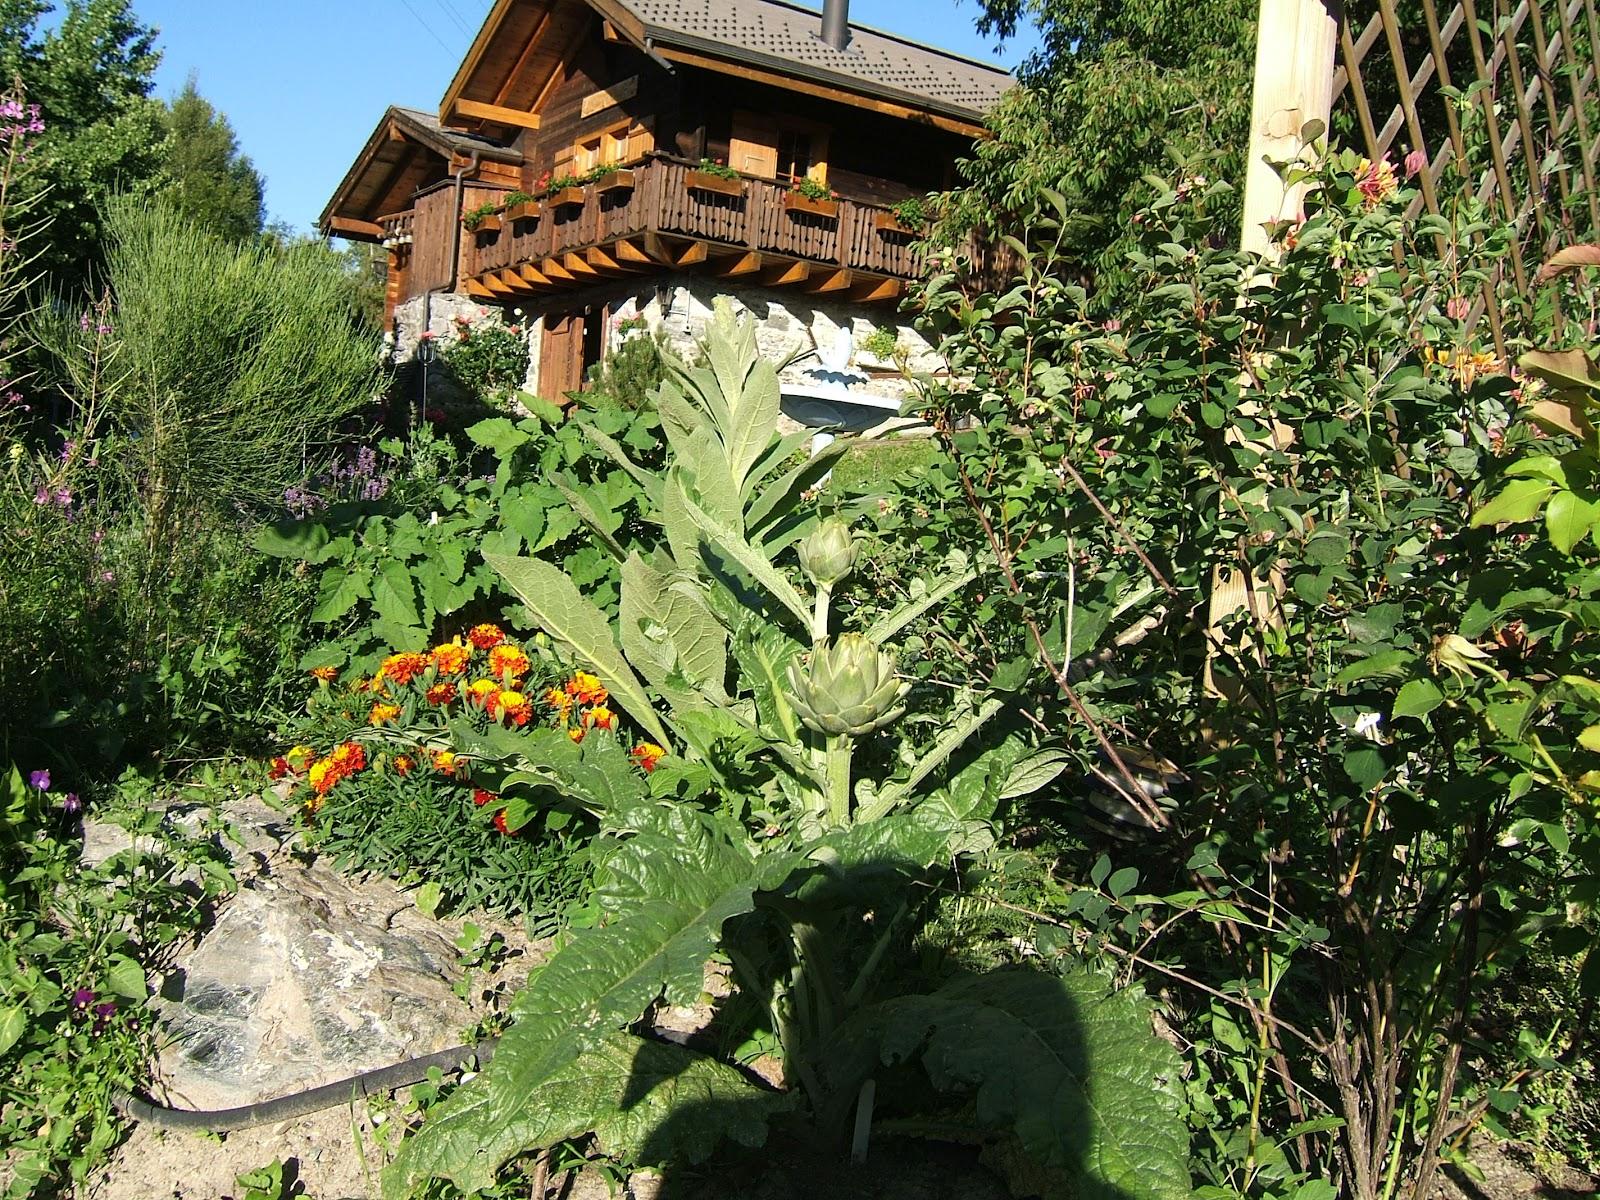 Coltivare carciofi in montagna il giardino di montagna - Giardini di montagna ...